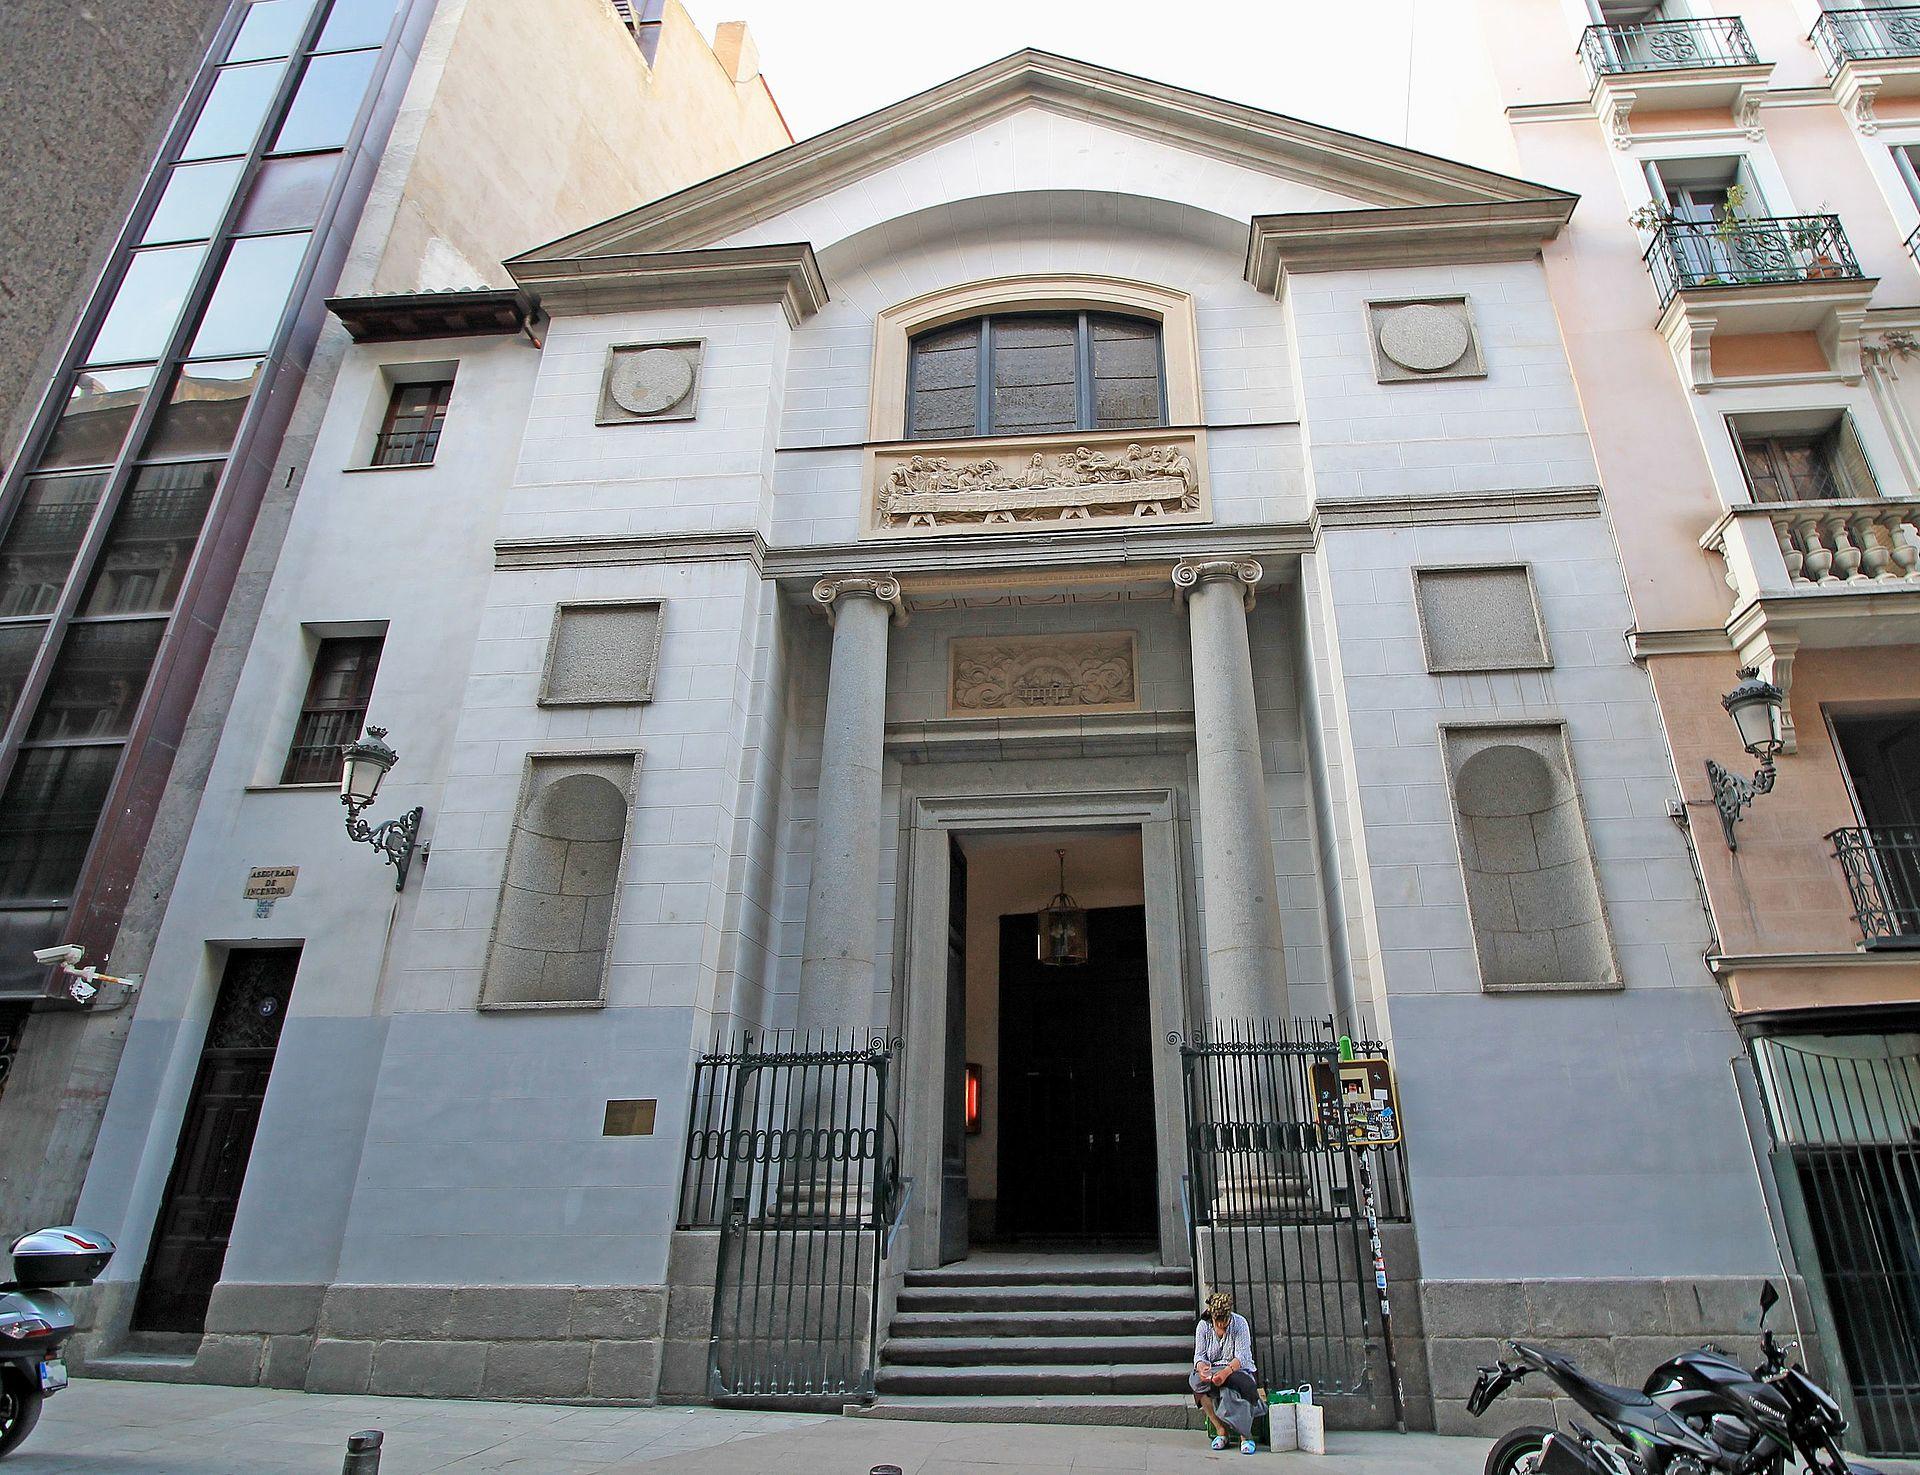 Oratorio del caballero de gracia wikipedia la enciclopedia libre - El escondite calle villanueva ...